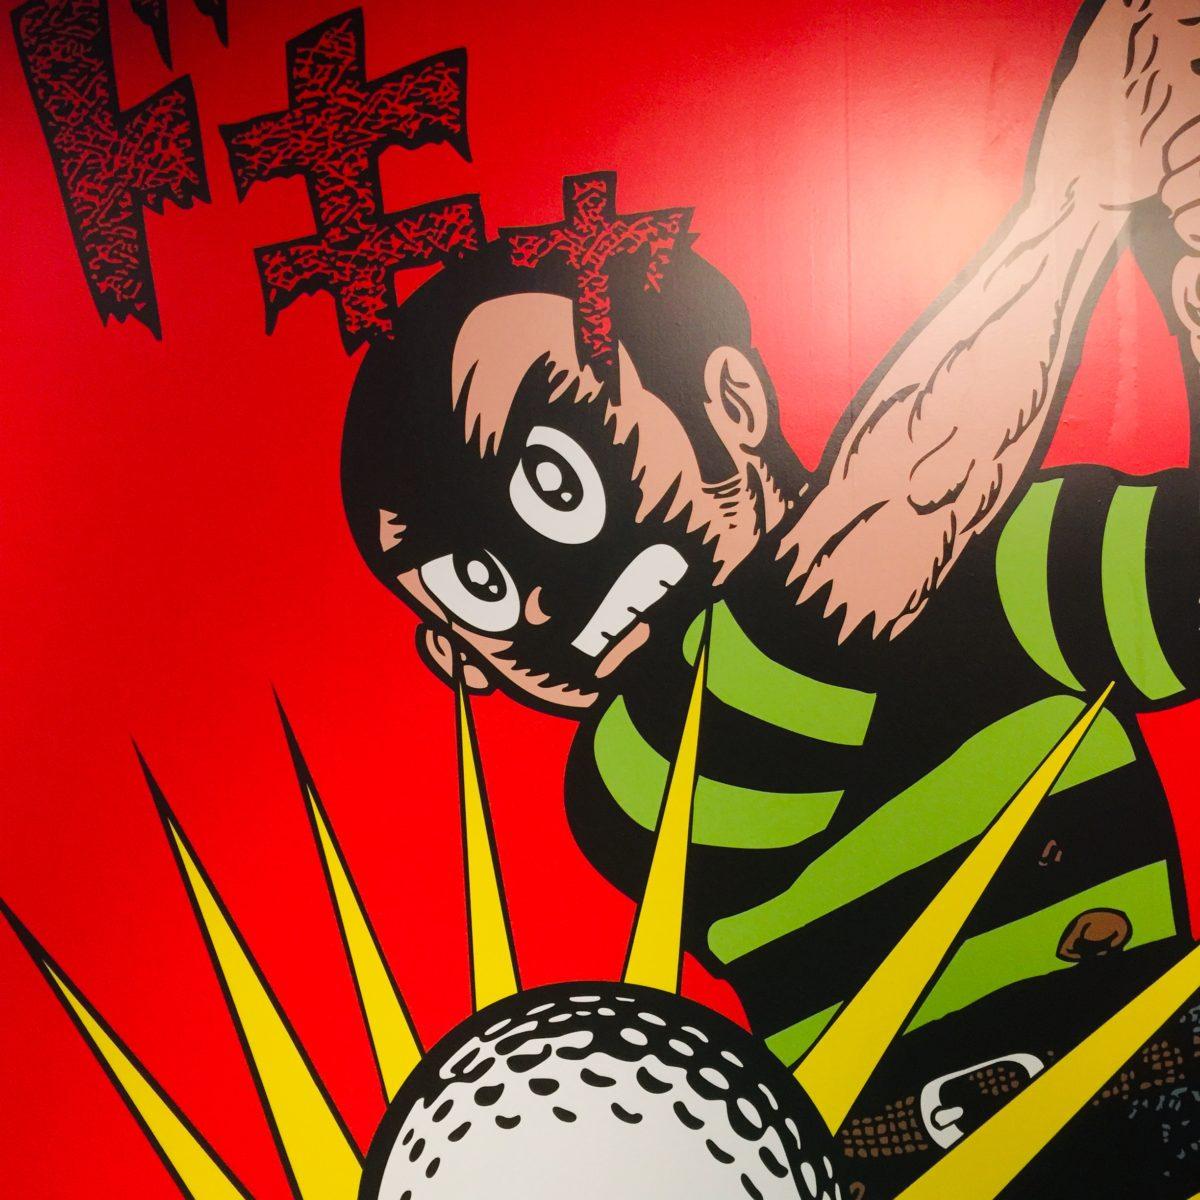 「藤子不二雄Ⓐ展」でのプロゴルファー猿のパネル